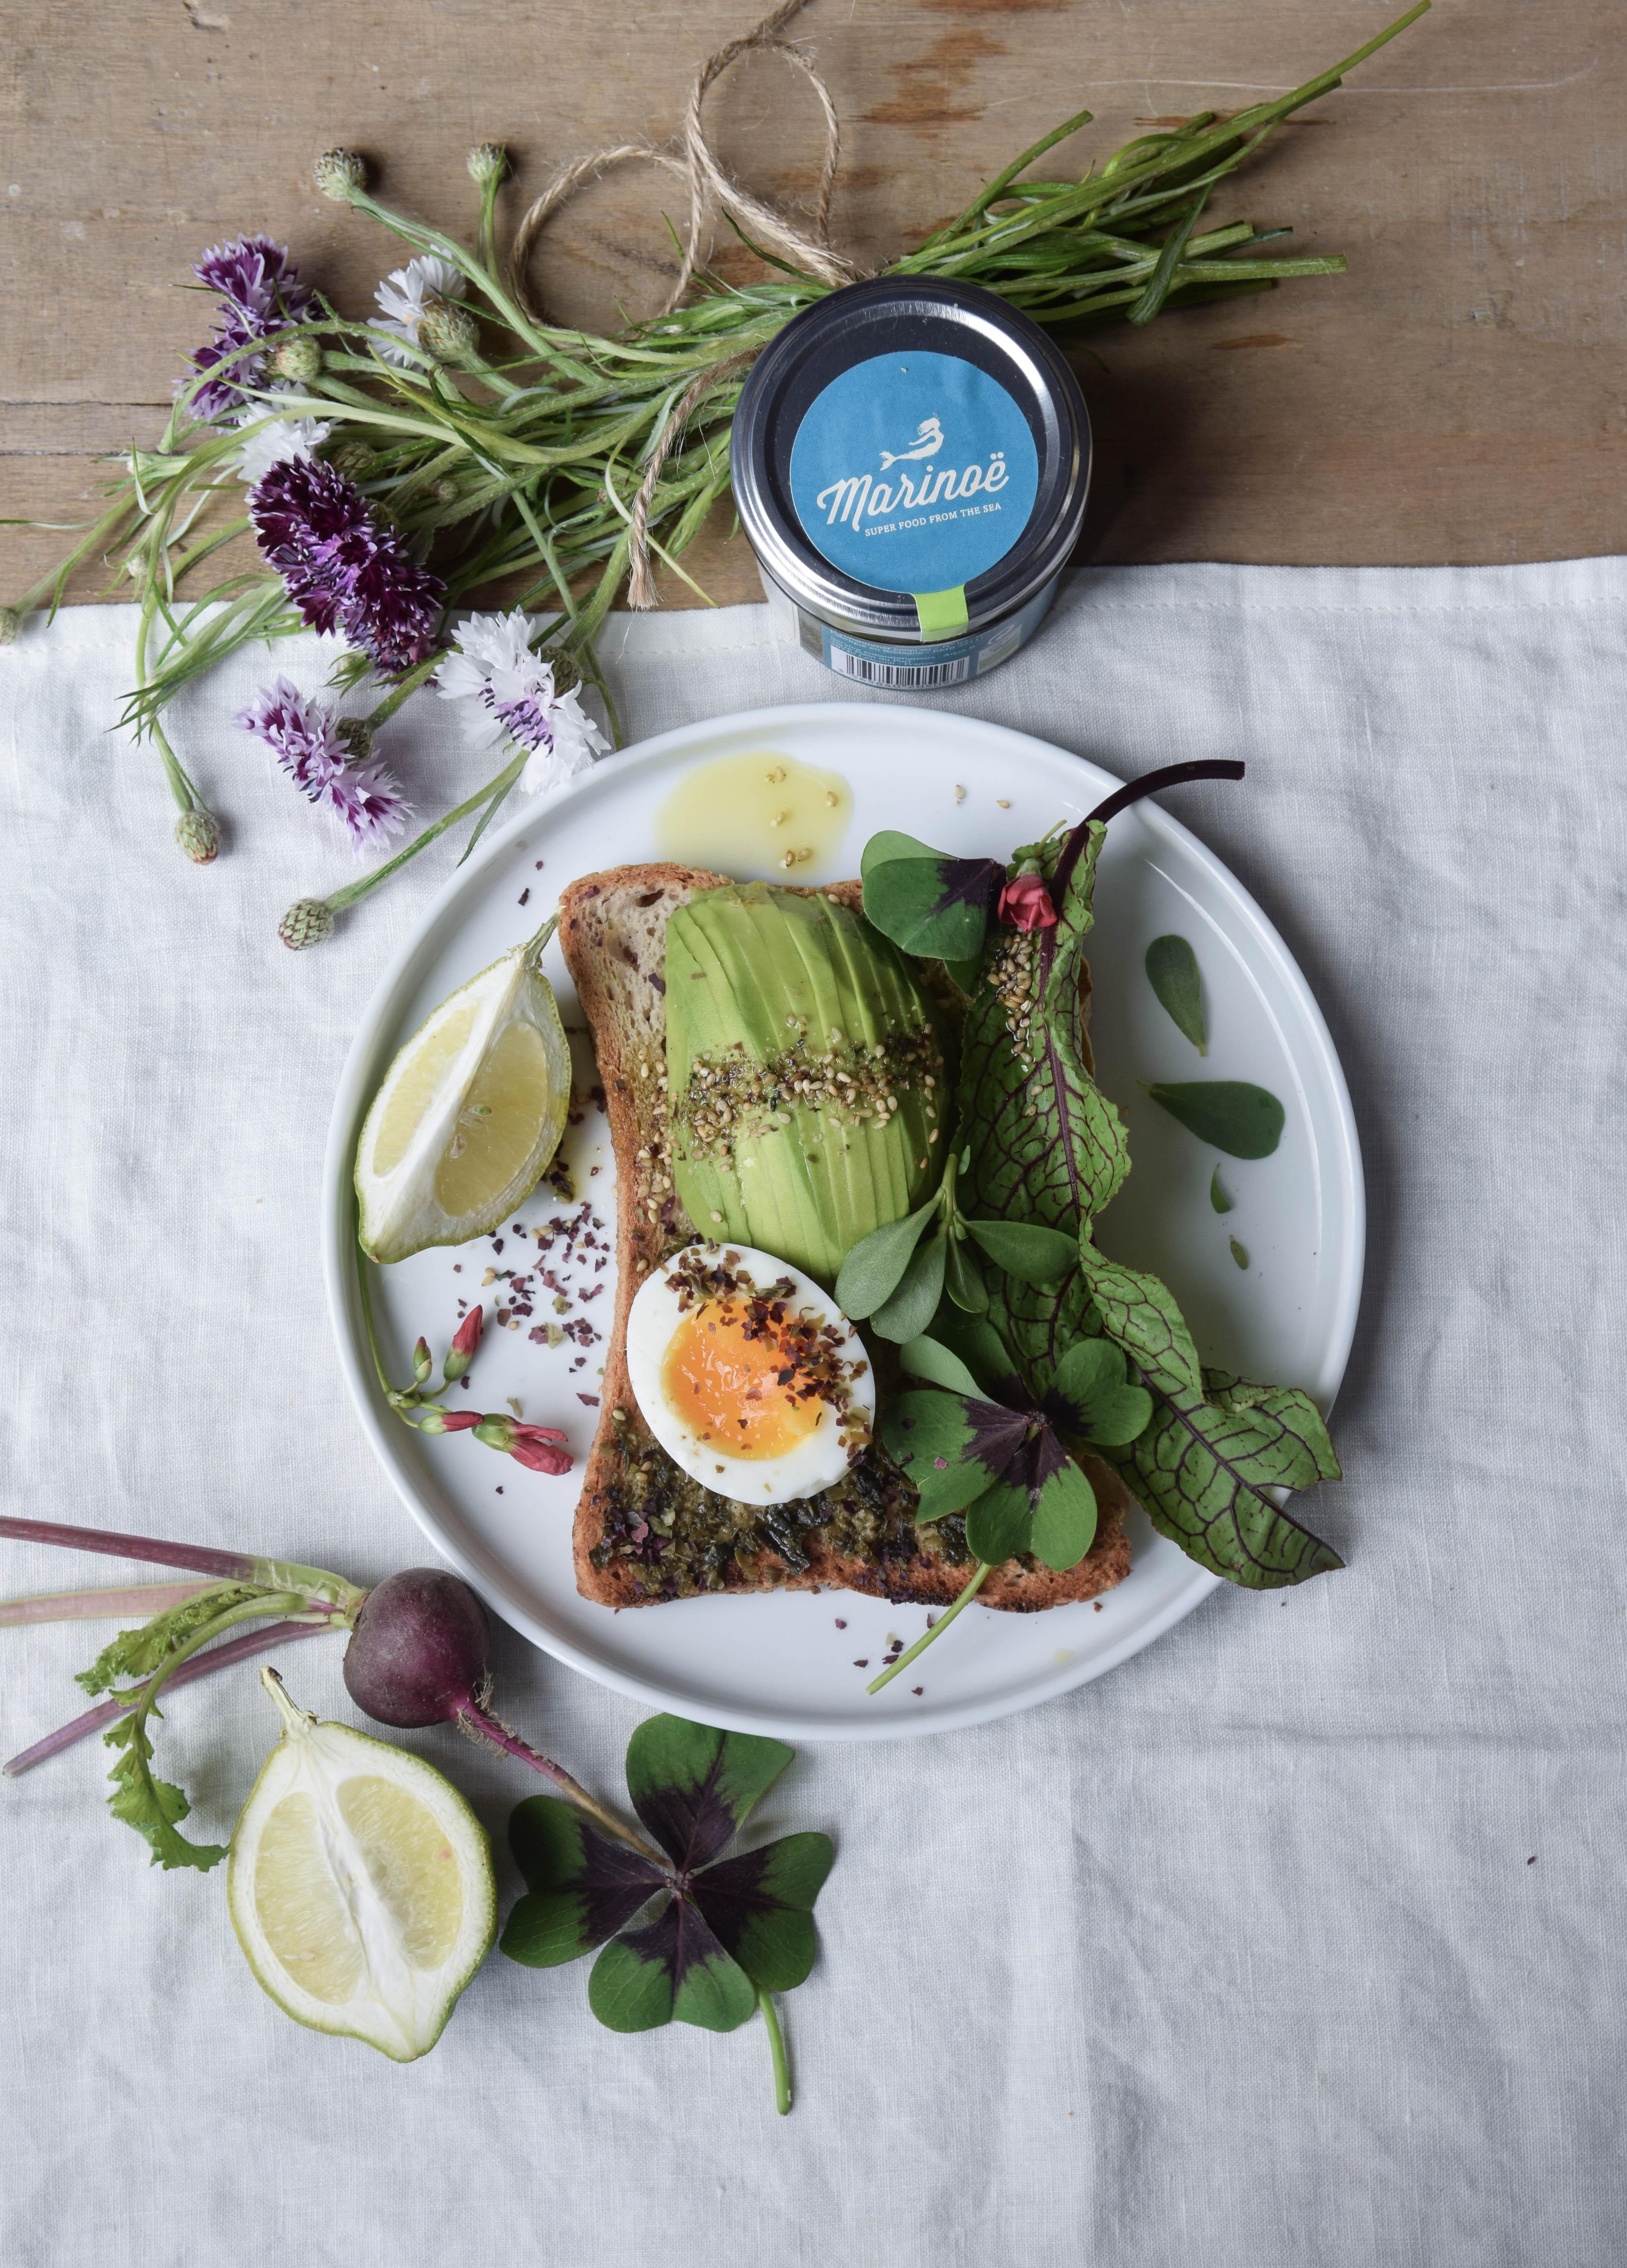 marinoe gluten free avocado toast